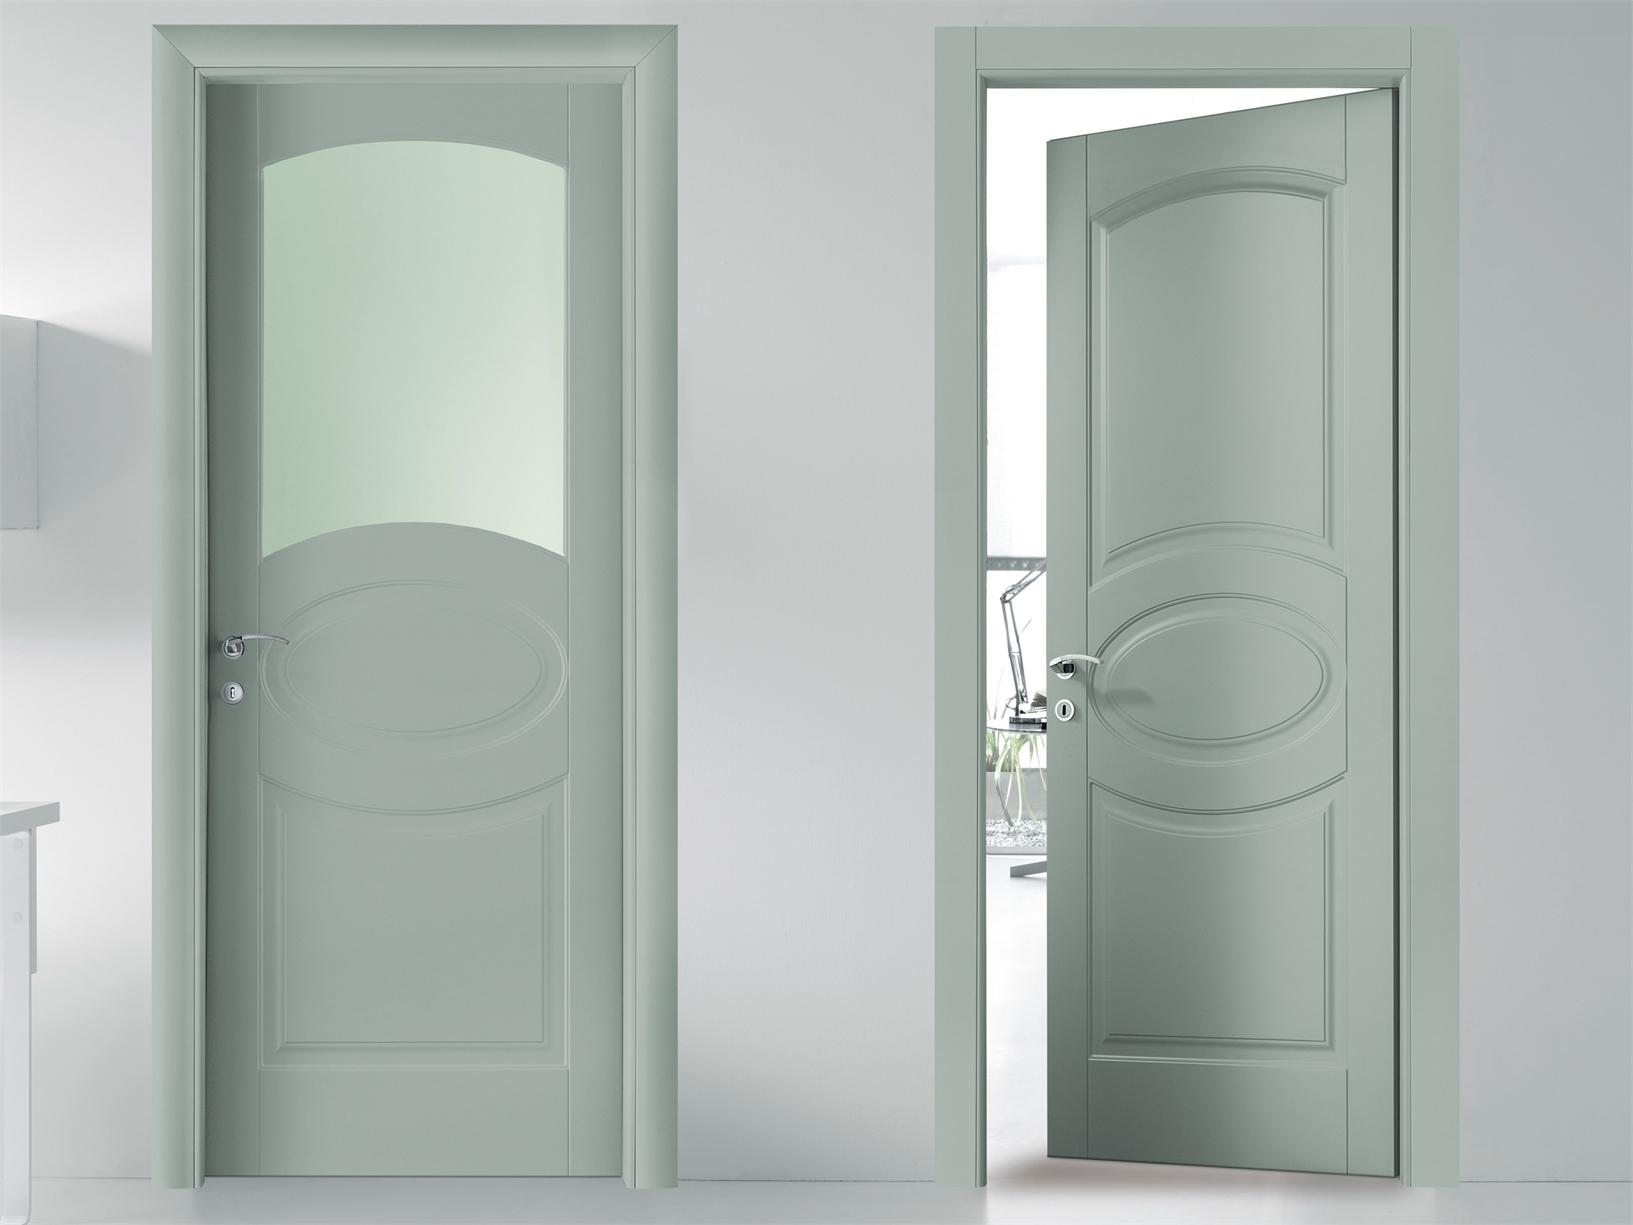 Stile classico e lineare per bertolotto porte - Porte moderne ...